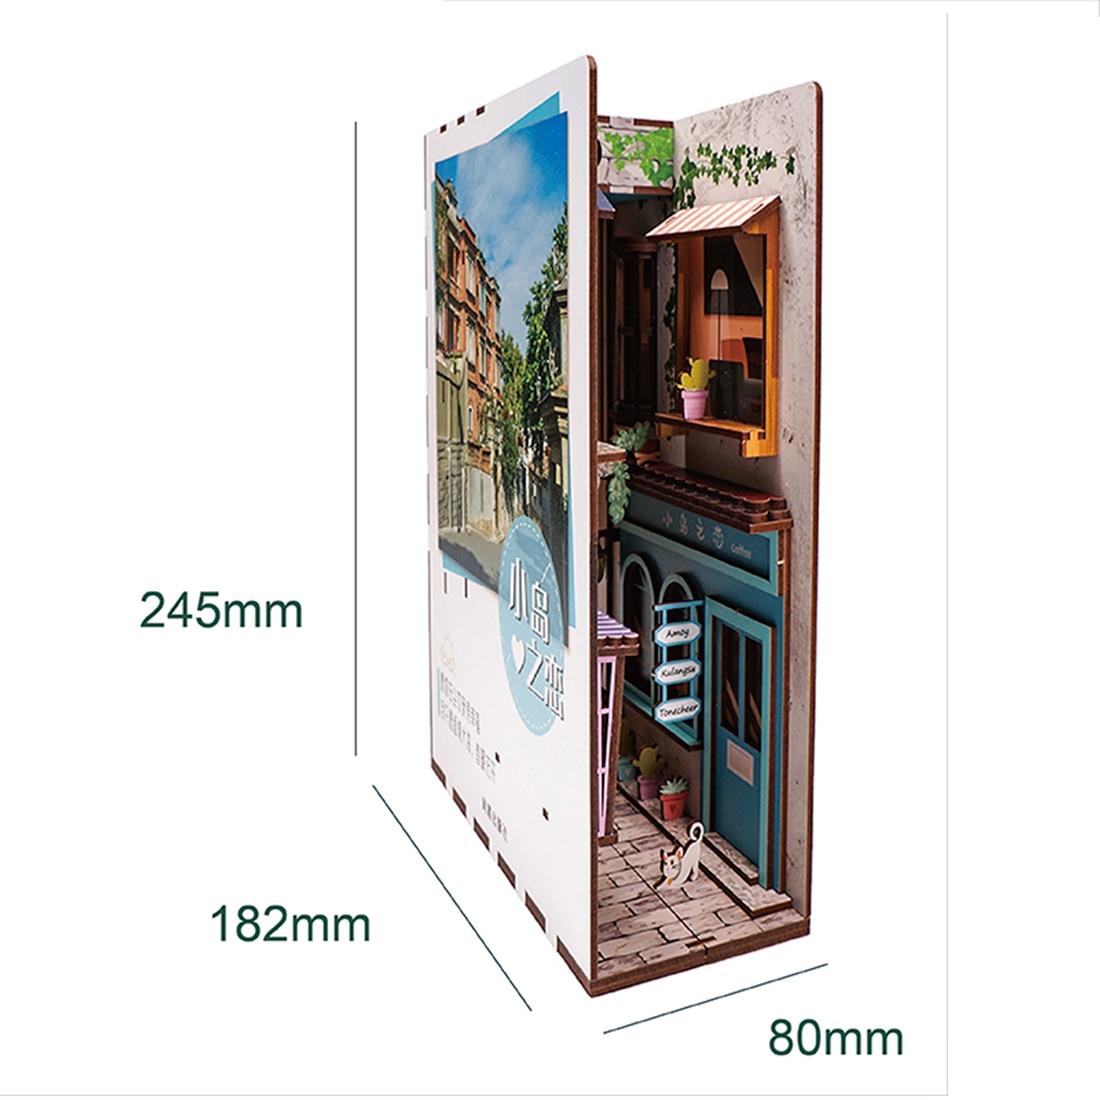 H04372add679342bdb6f651744cd0a3cbU - Robotime - DIY Models, DIY Miniature Houses, 3d Wooden Puzzle